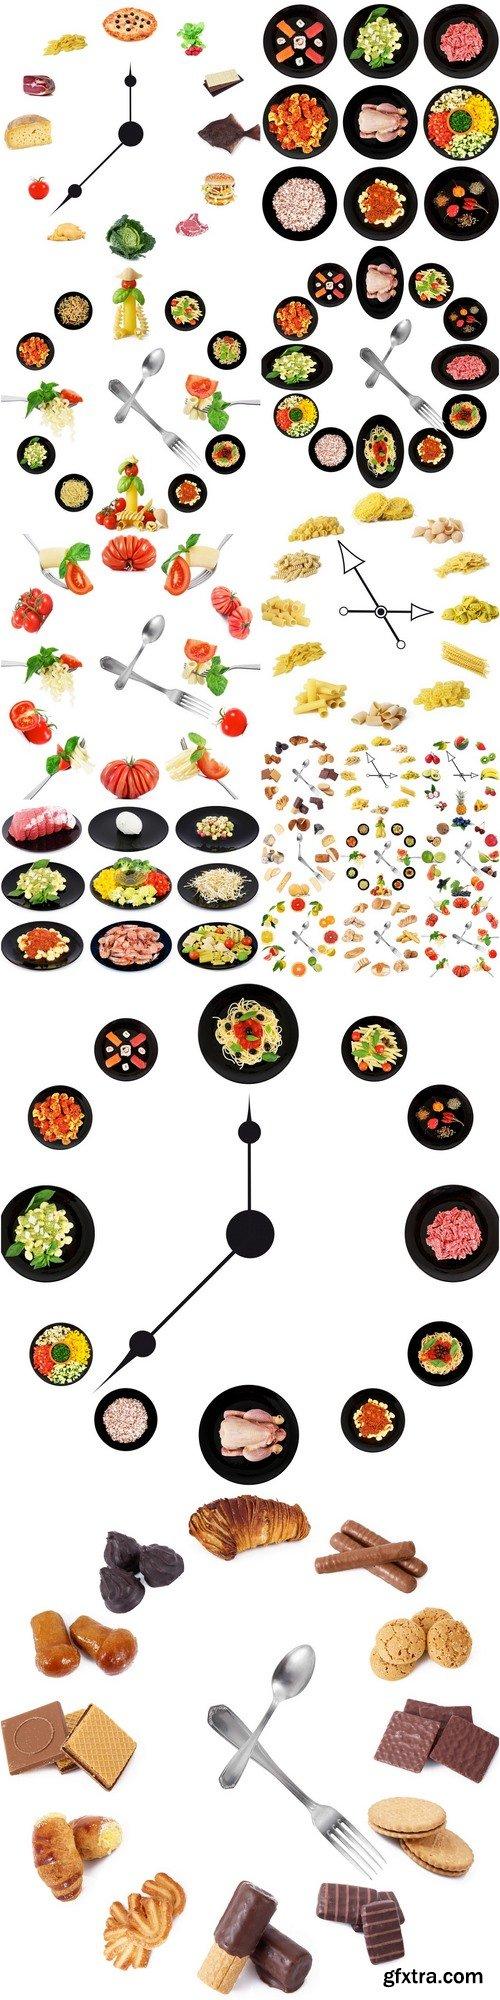 Orologi gastronomici